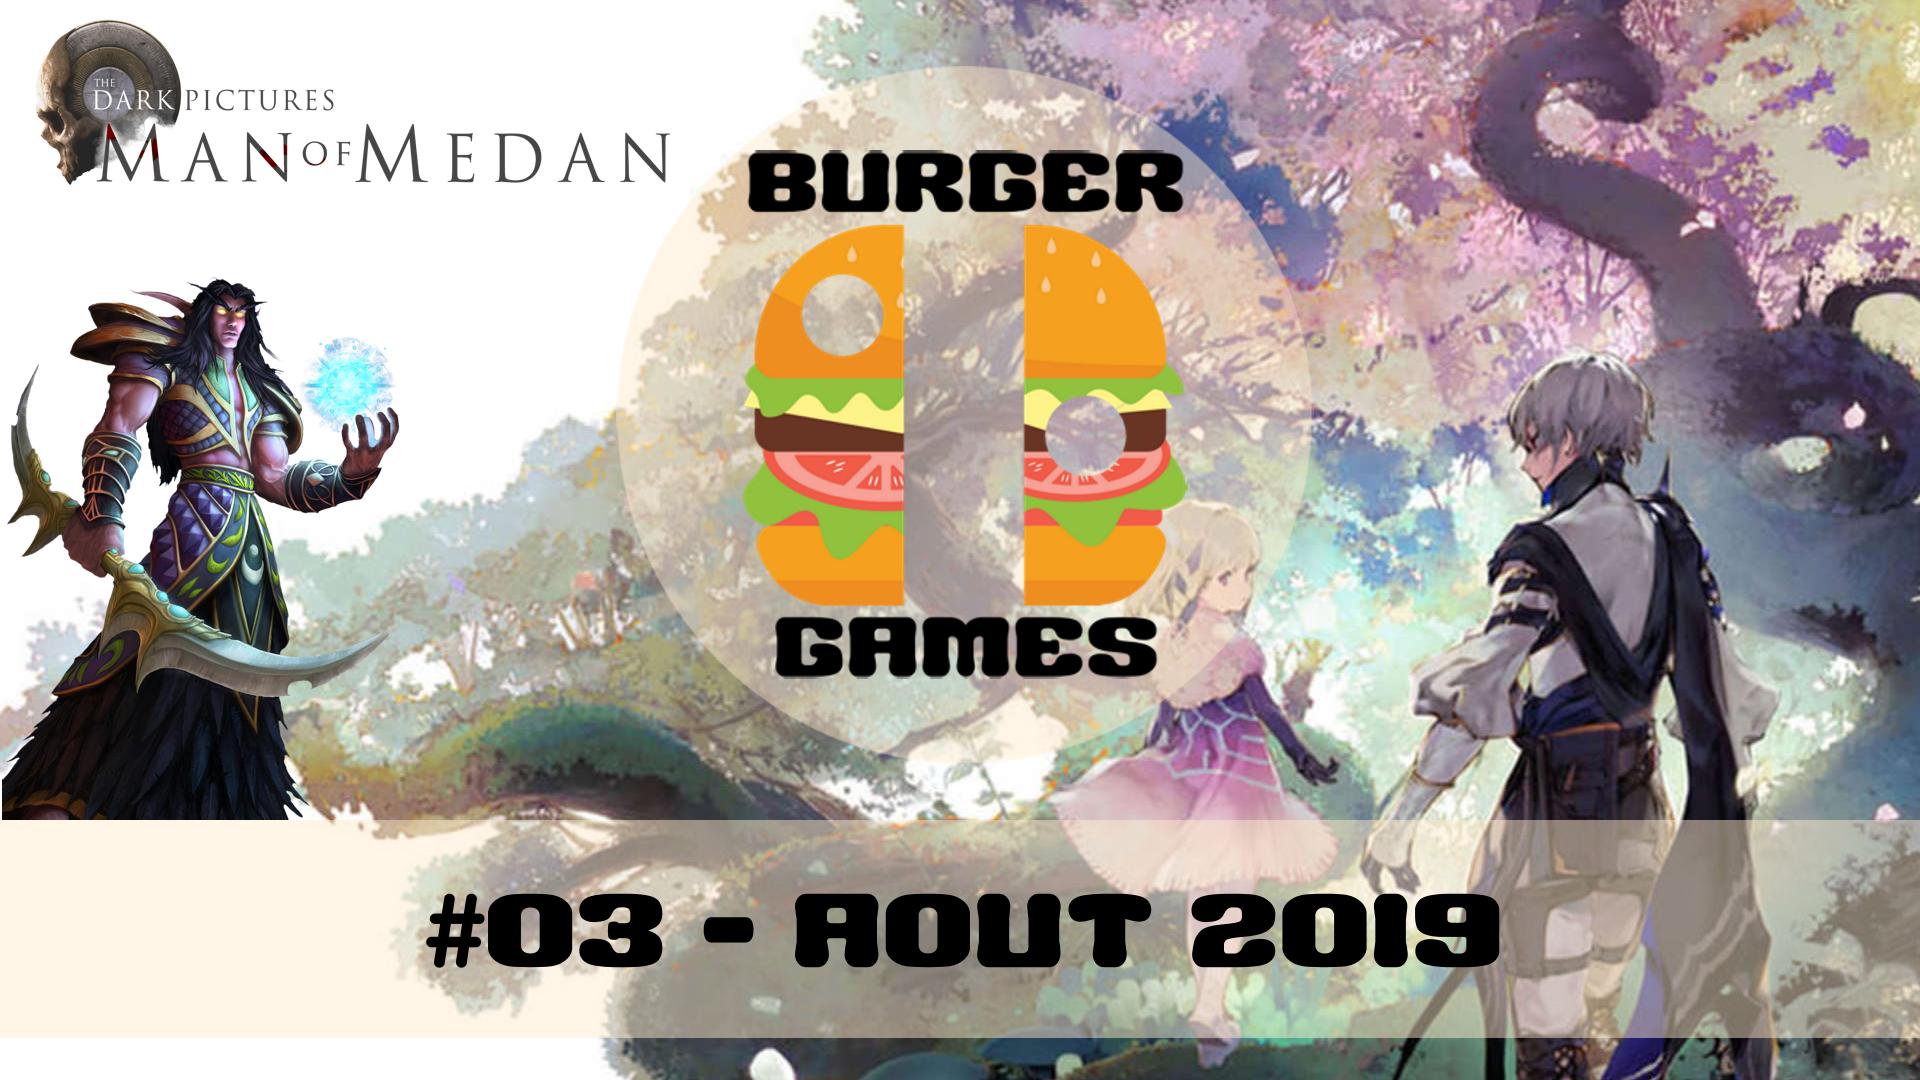 BurgerGames - 03